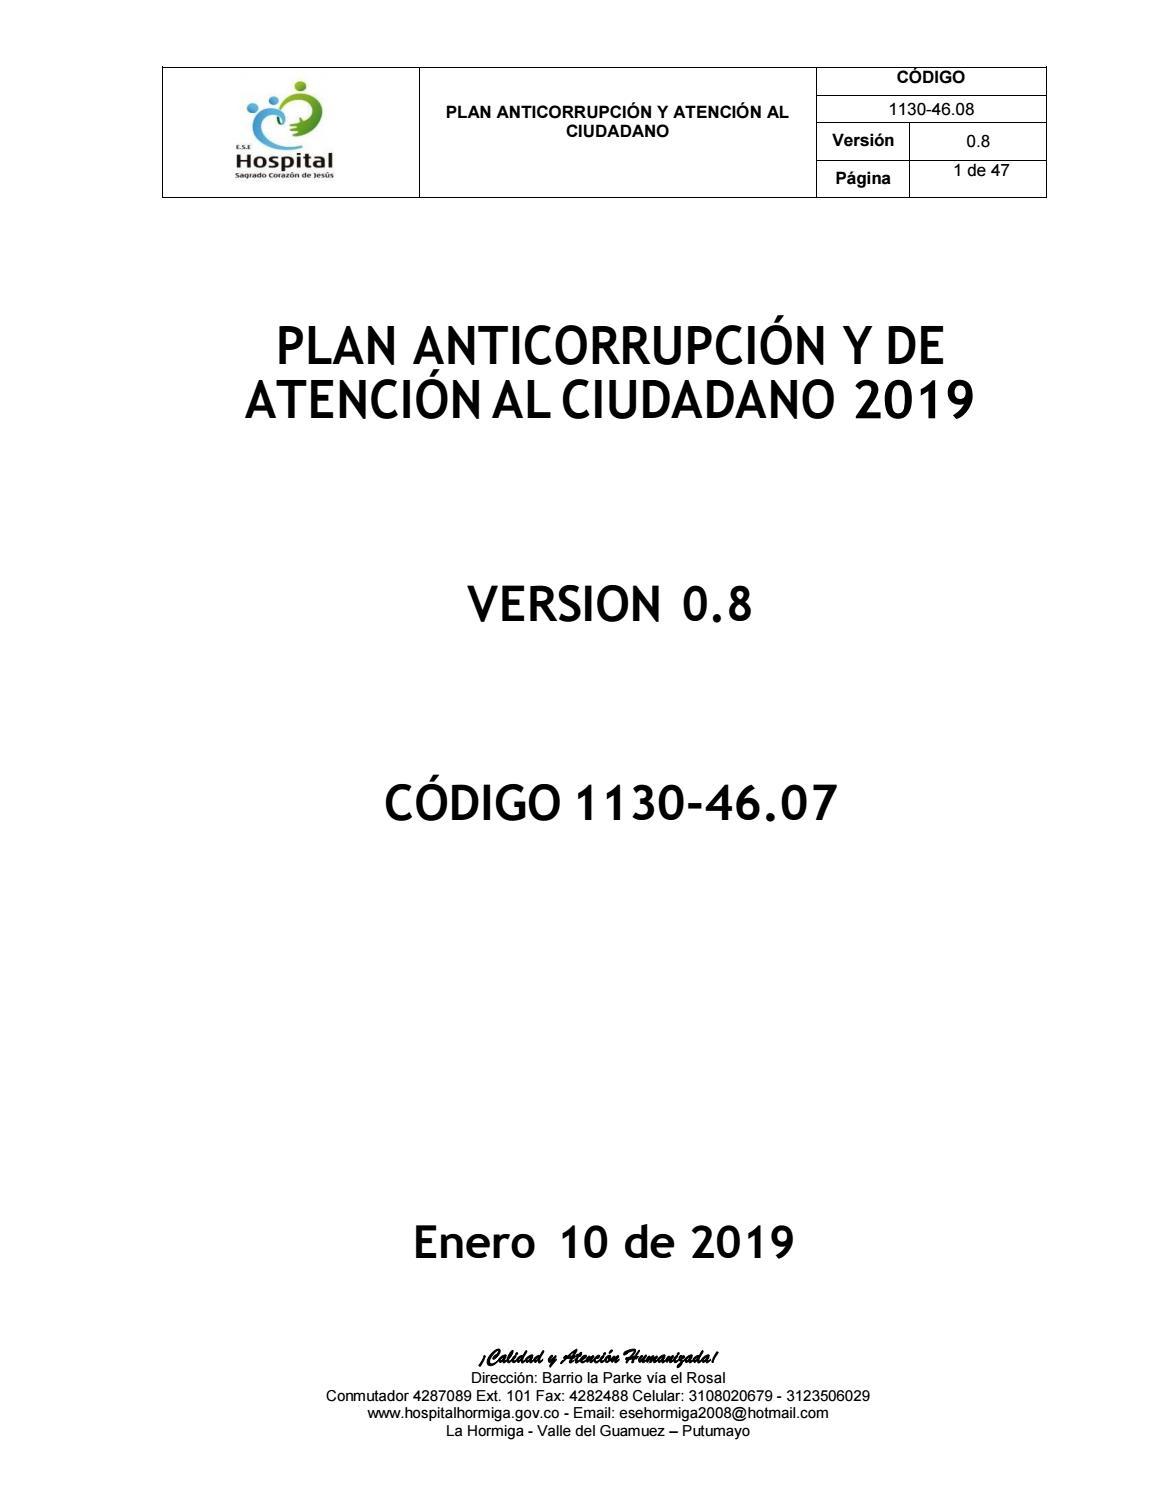 Plan Anticorrupcion Y Atencion Al Ciudadano 2019 By Hospital